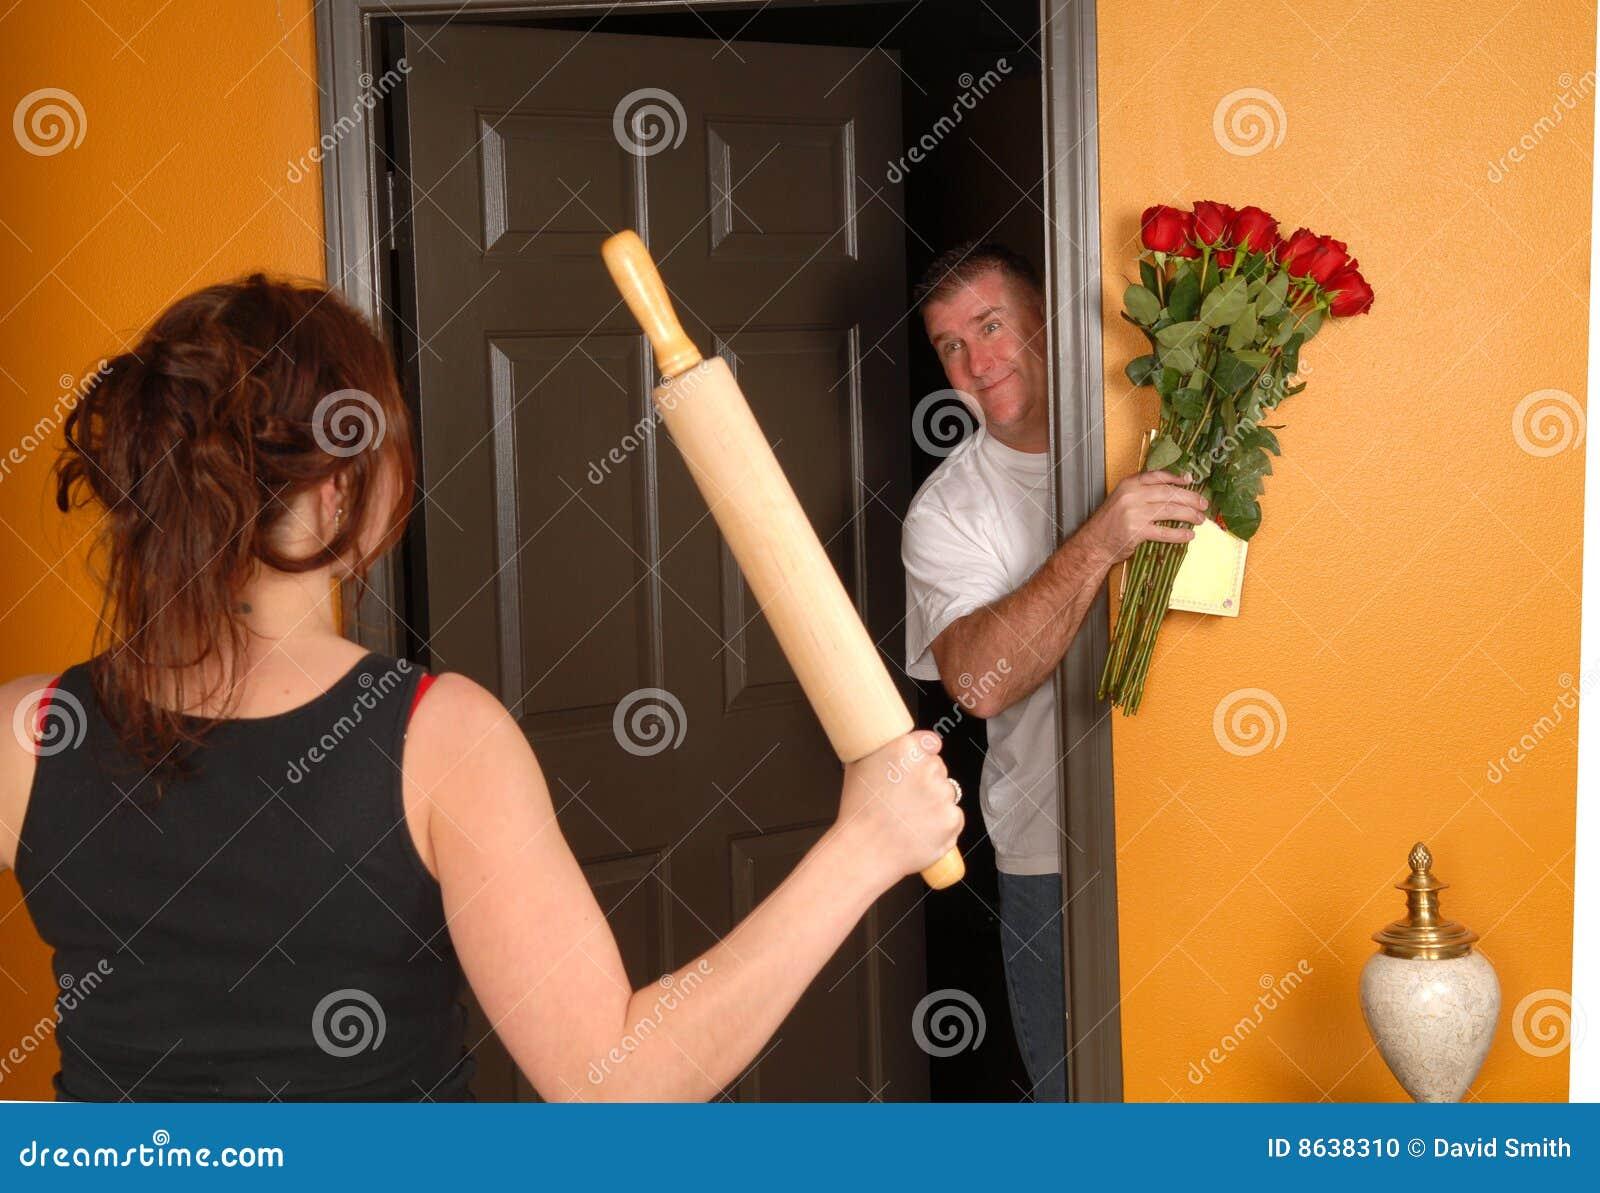 Прощение у девушки подарок